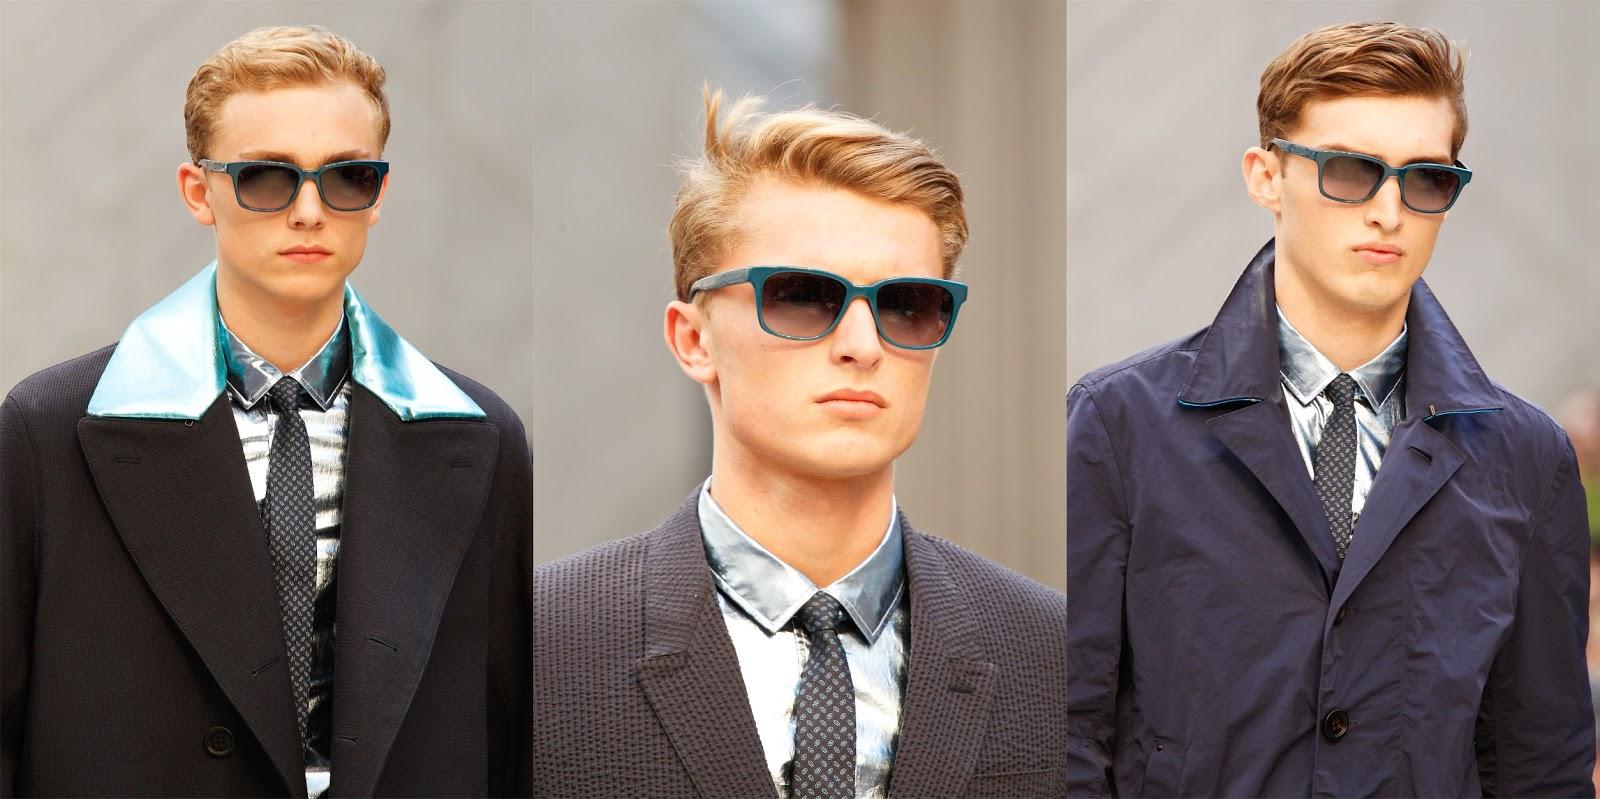 Nadzim Bin Bakri Fashion Trend Minat Jah X Mampu Nok Beli